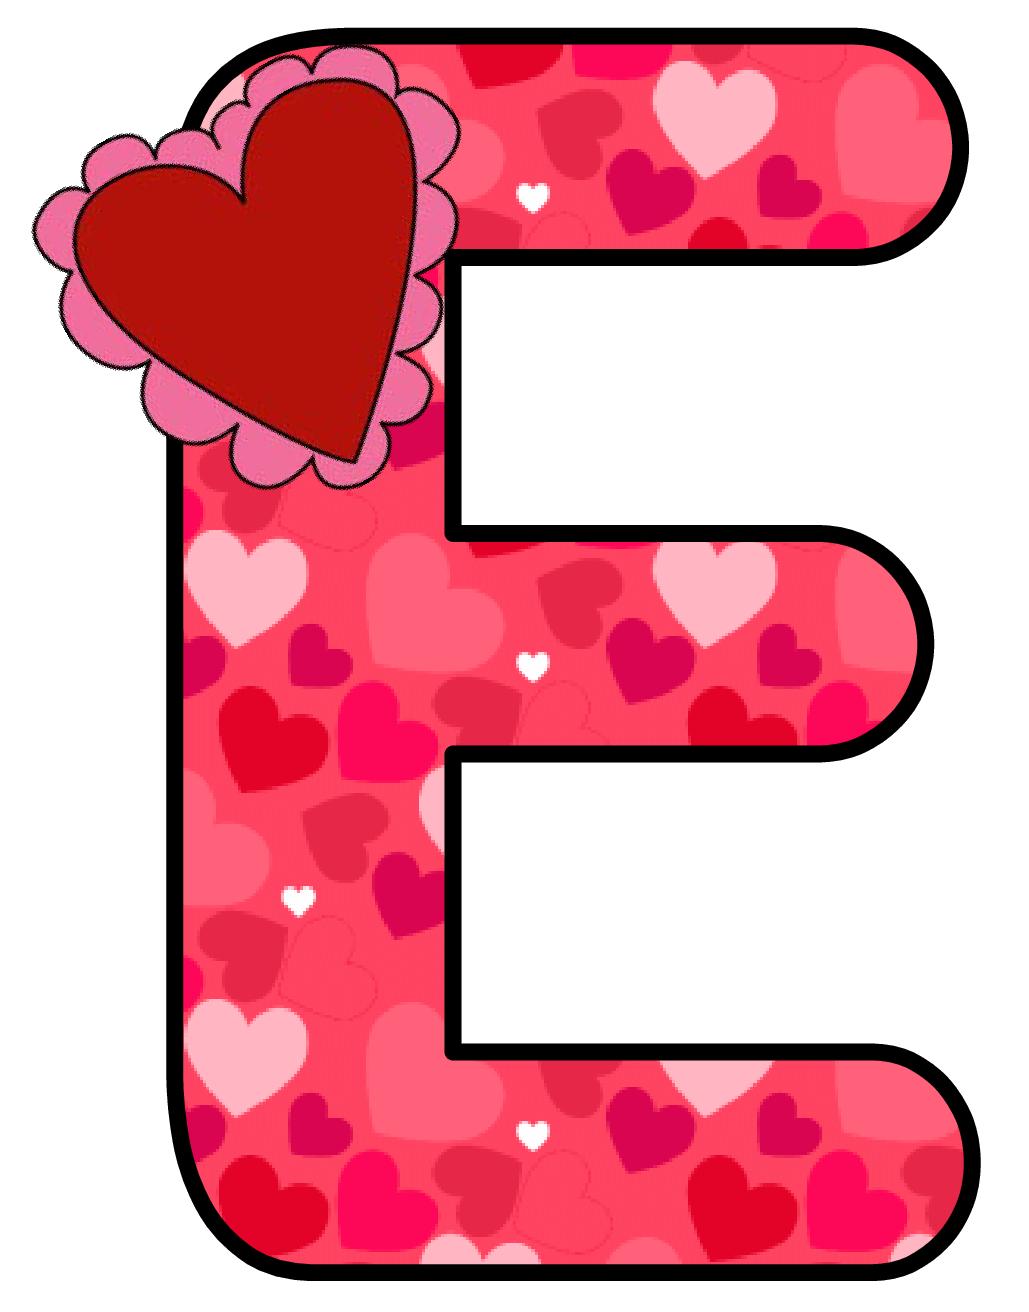 Alphabet clipart letters svg CH B *✿* ALFABETO CORAZON DE KID SPARKZ | Alphabet clipart ... svg